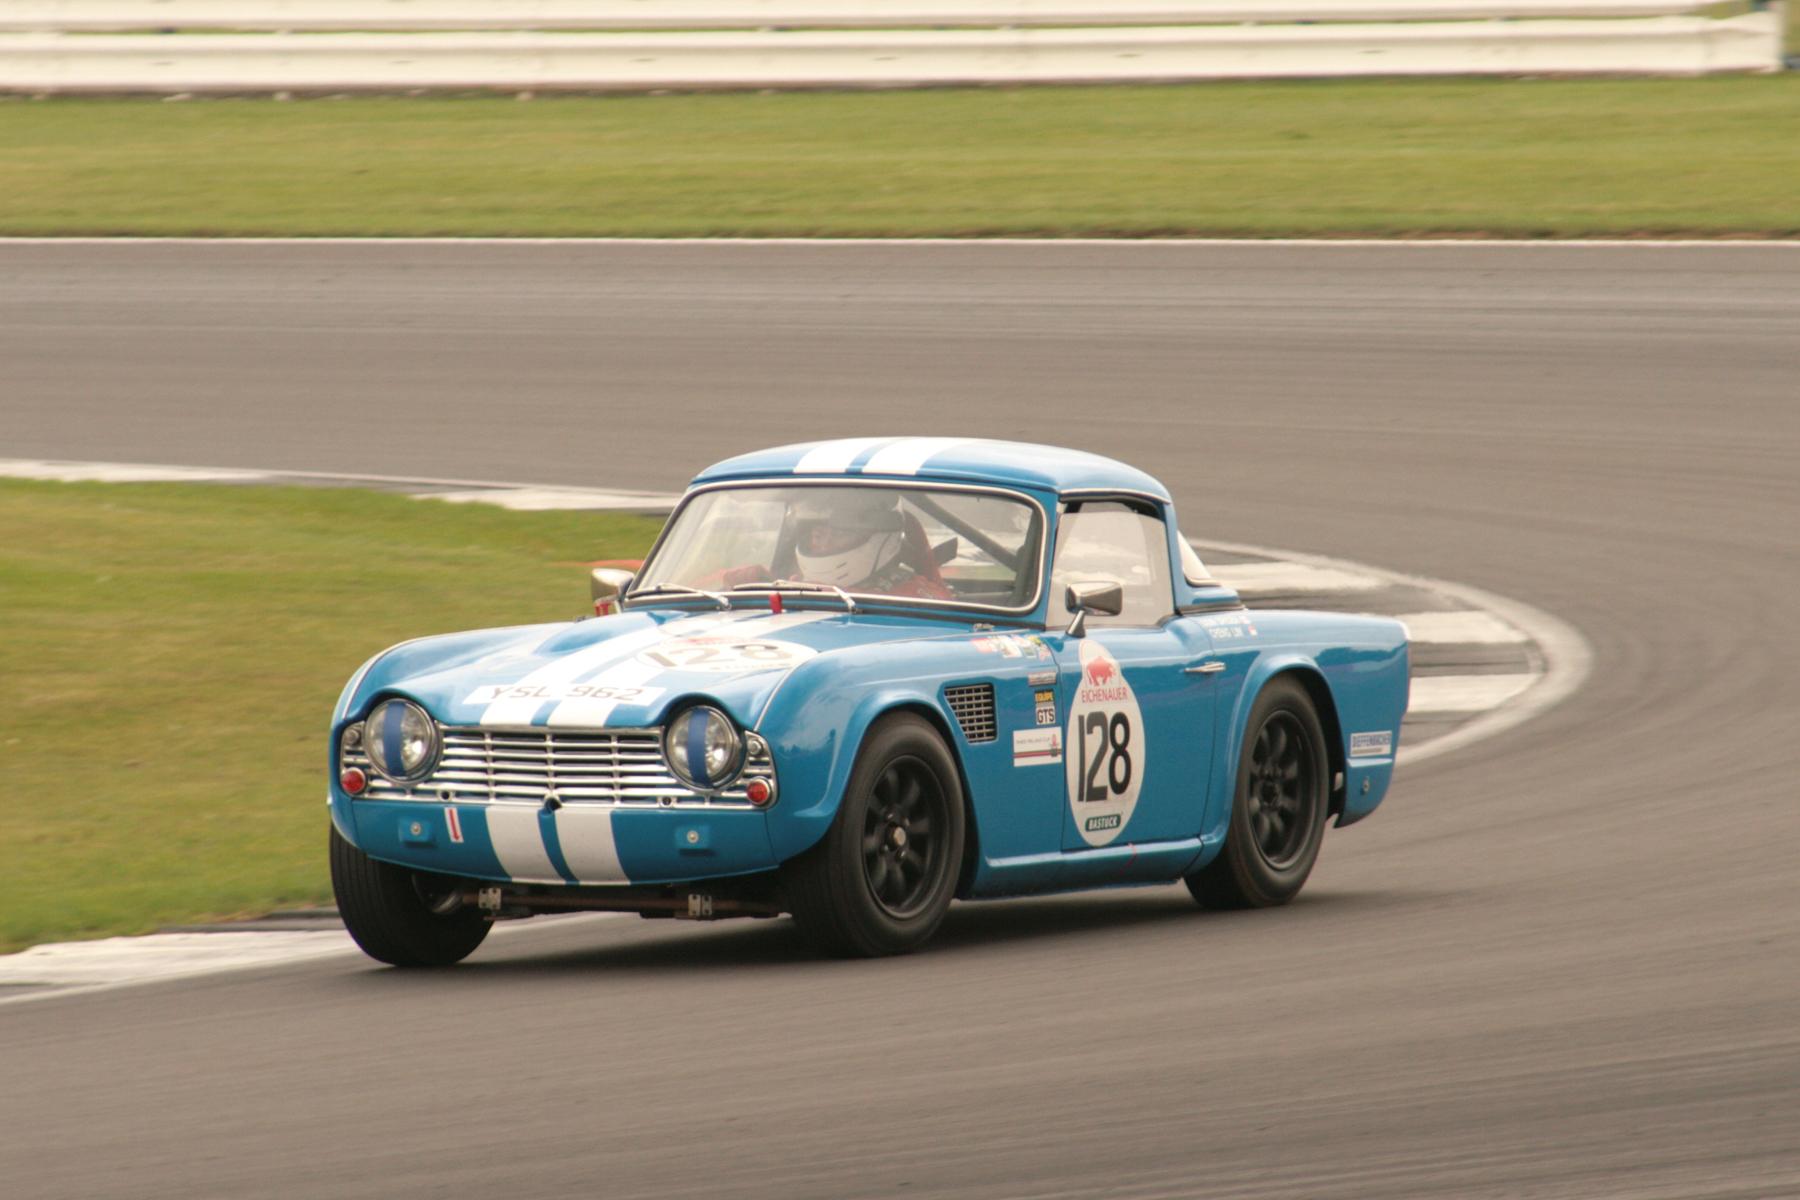 Dominic Spicer's Triumph TR4  Photo - JT